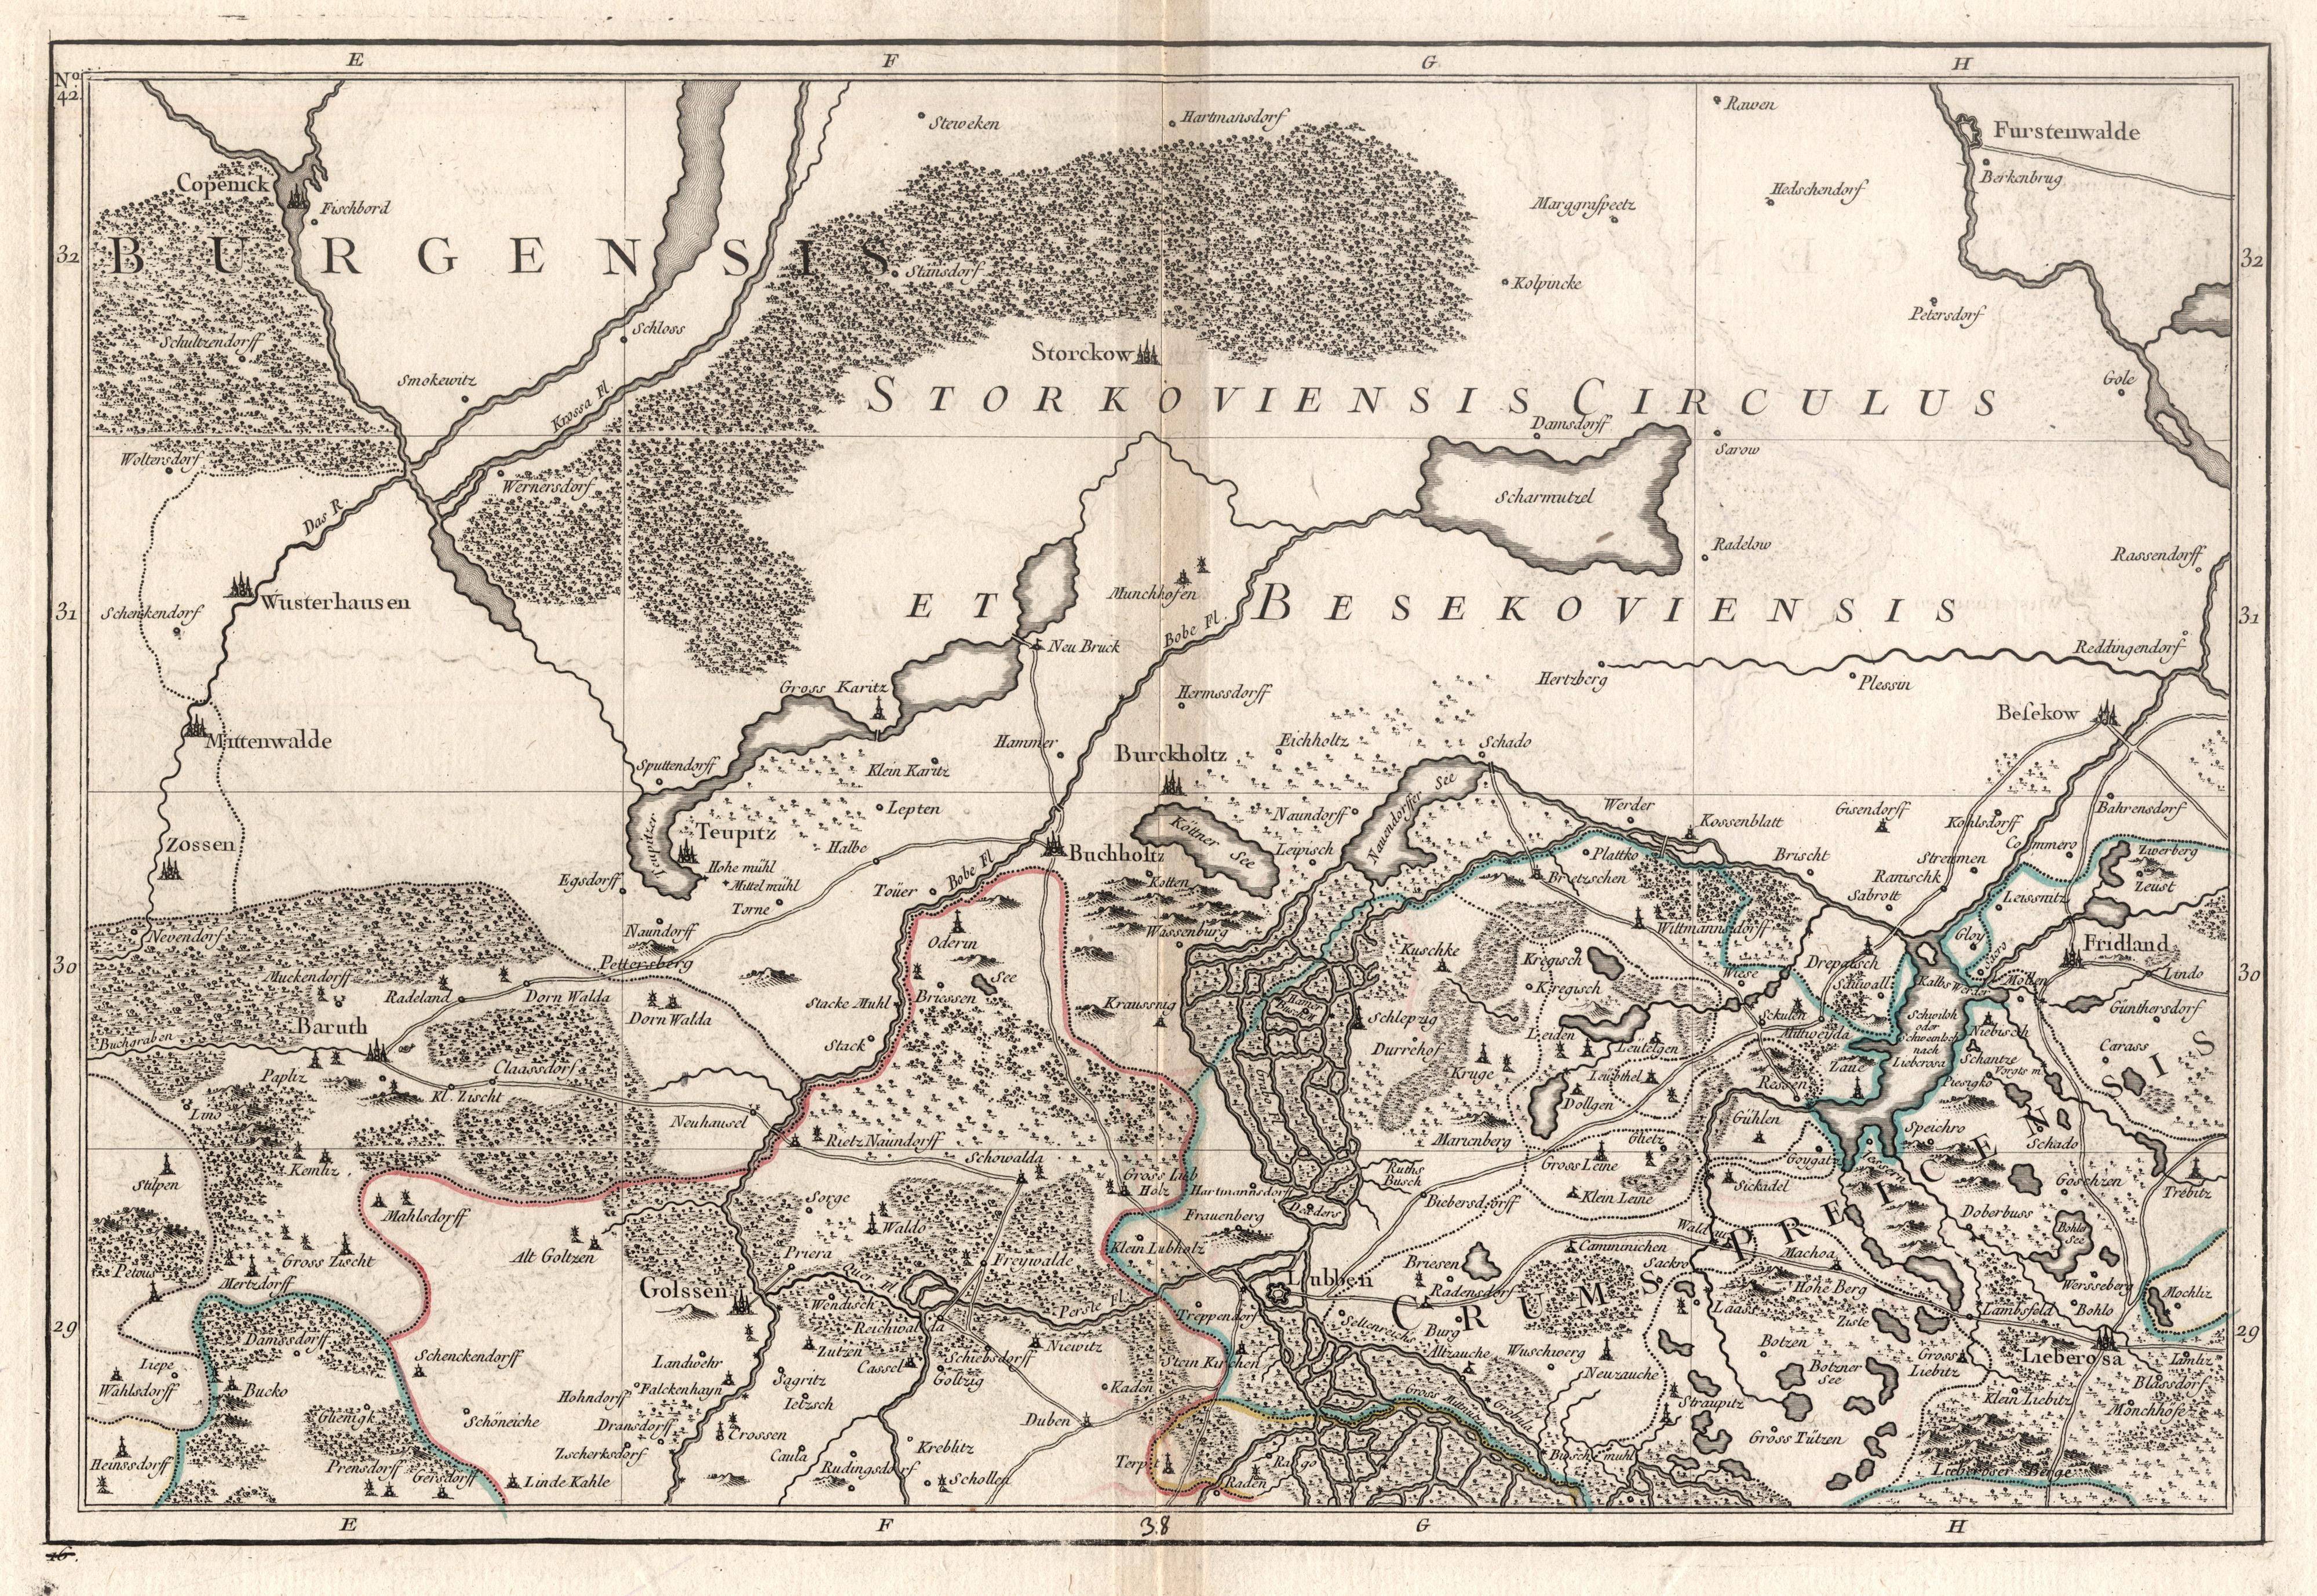 Kst.- Karte, anonym b. Julien in Paris,: Lübben - Storkow